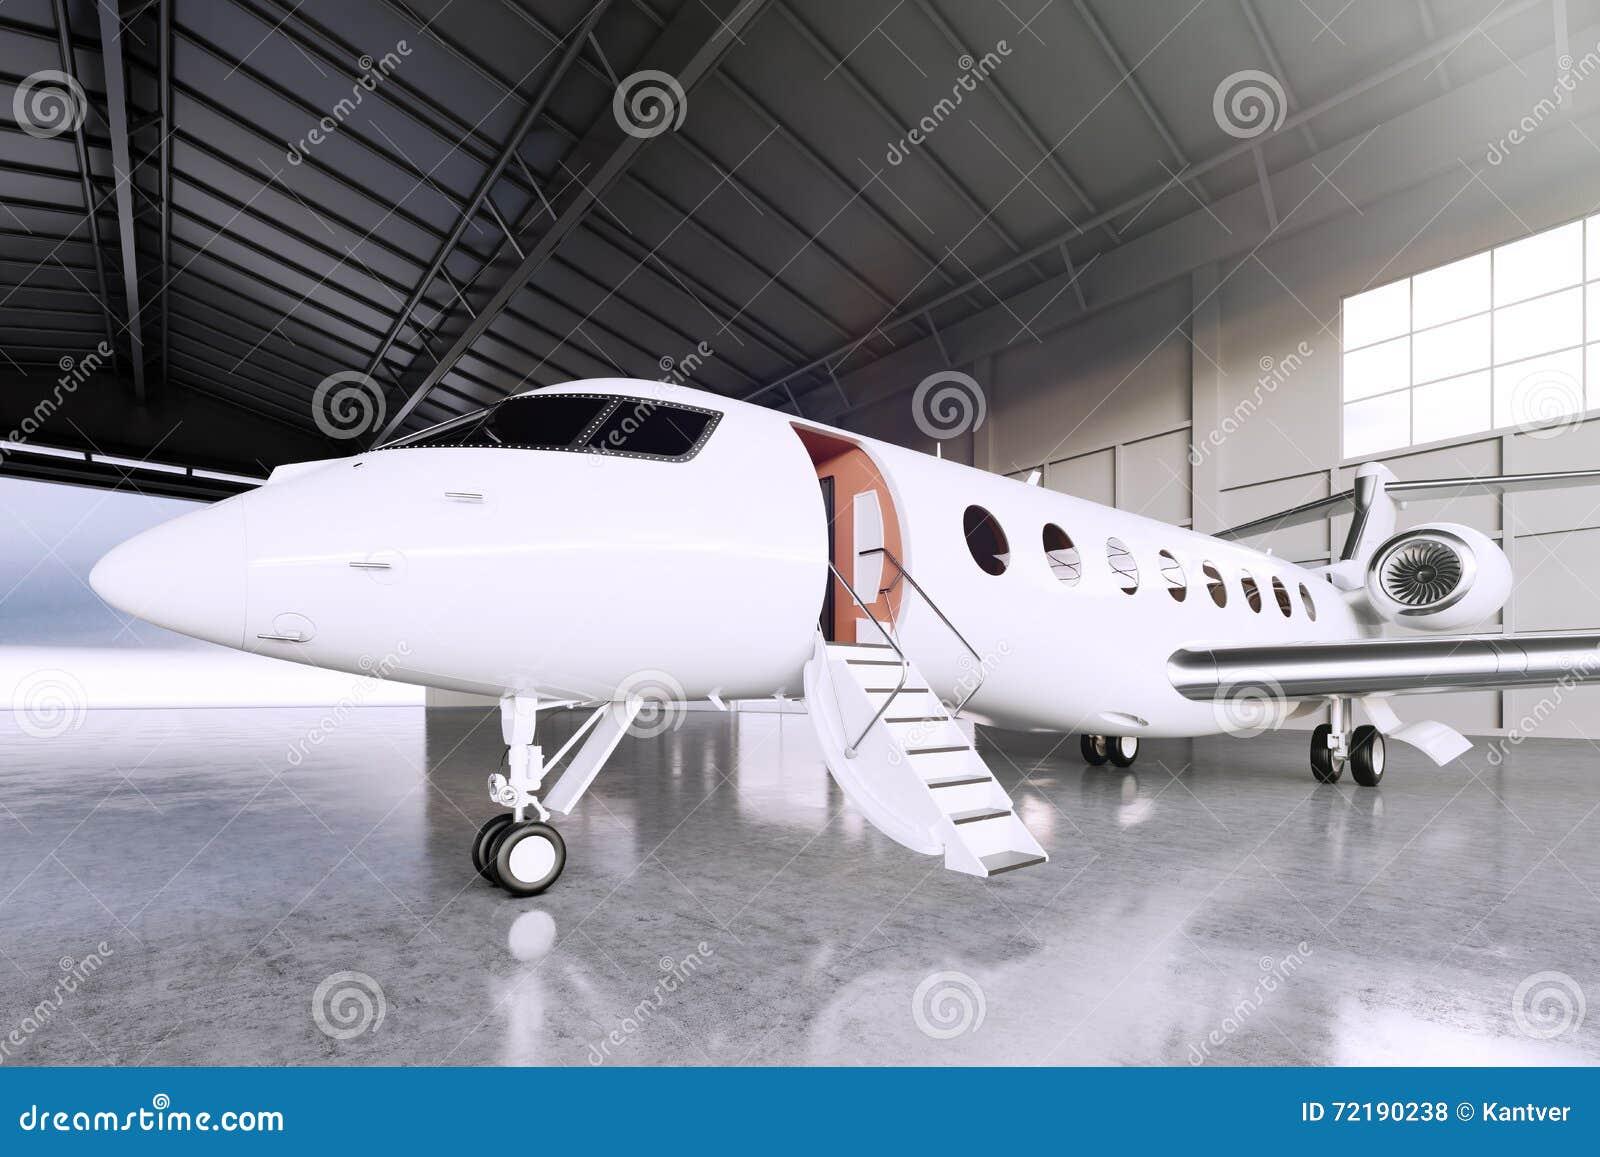 Imagen del estacionamiento blanco del jet de Matte Luxury Generic Design Private en aeropuerto del hangar Piso concreto Recorrido